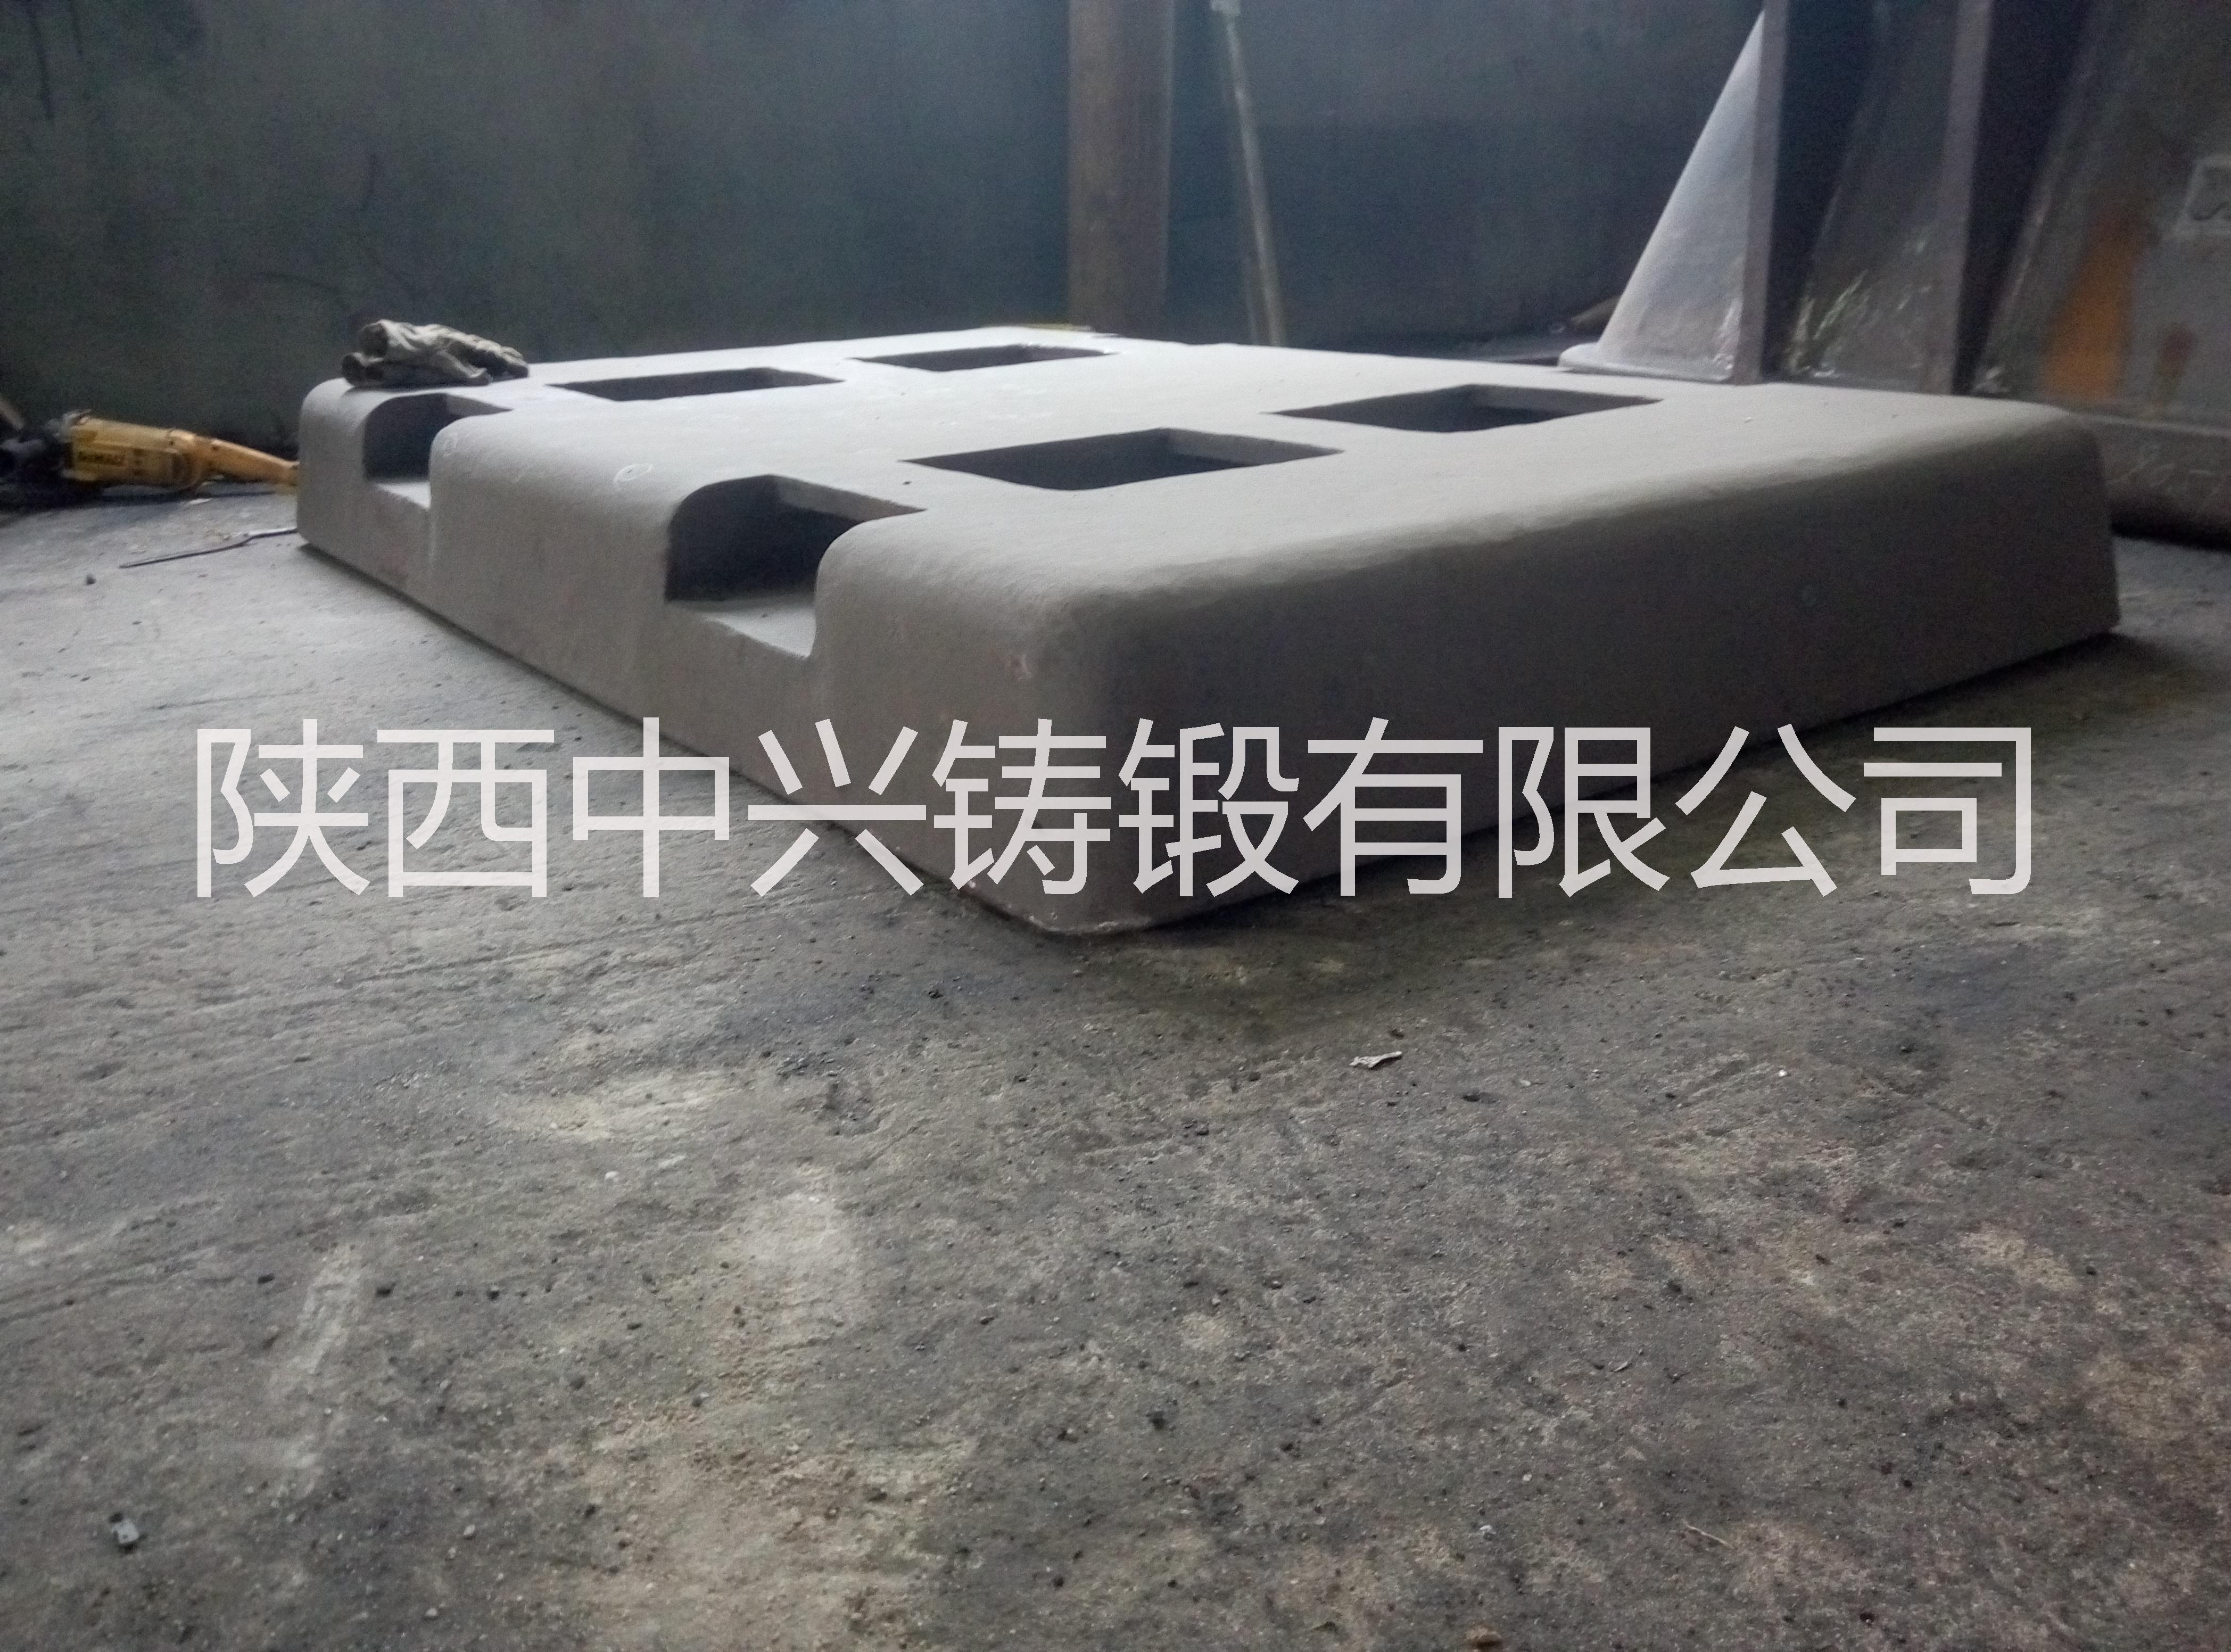 供应叉车孔渣盘 渣盘 优质渣盘 负压铸造渣罐 高质量渣罐 合金钢叉车孔渣盘